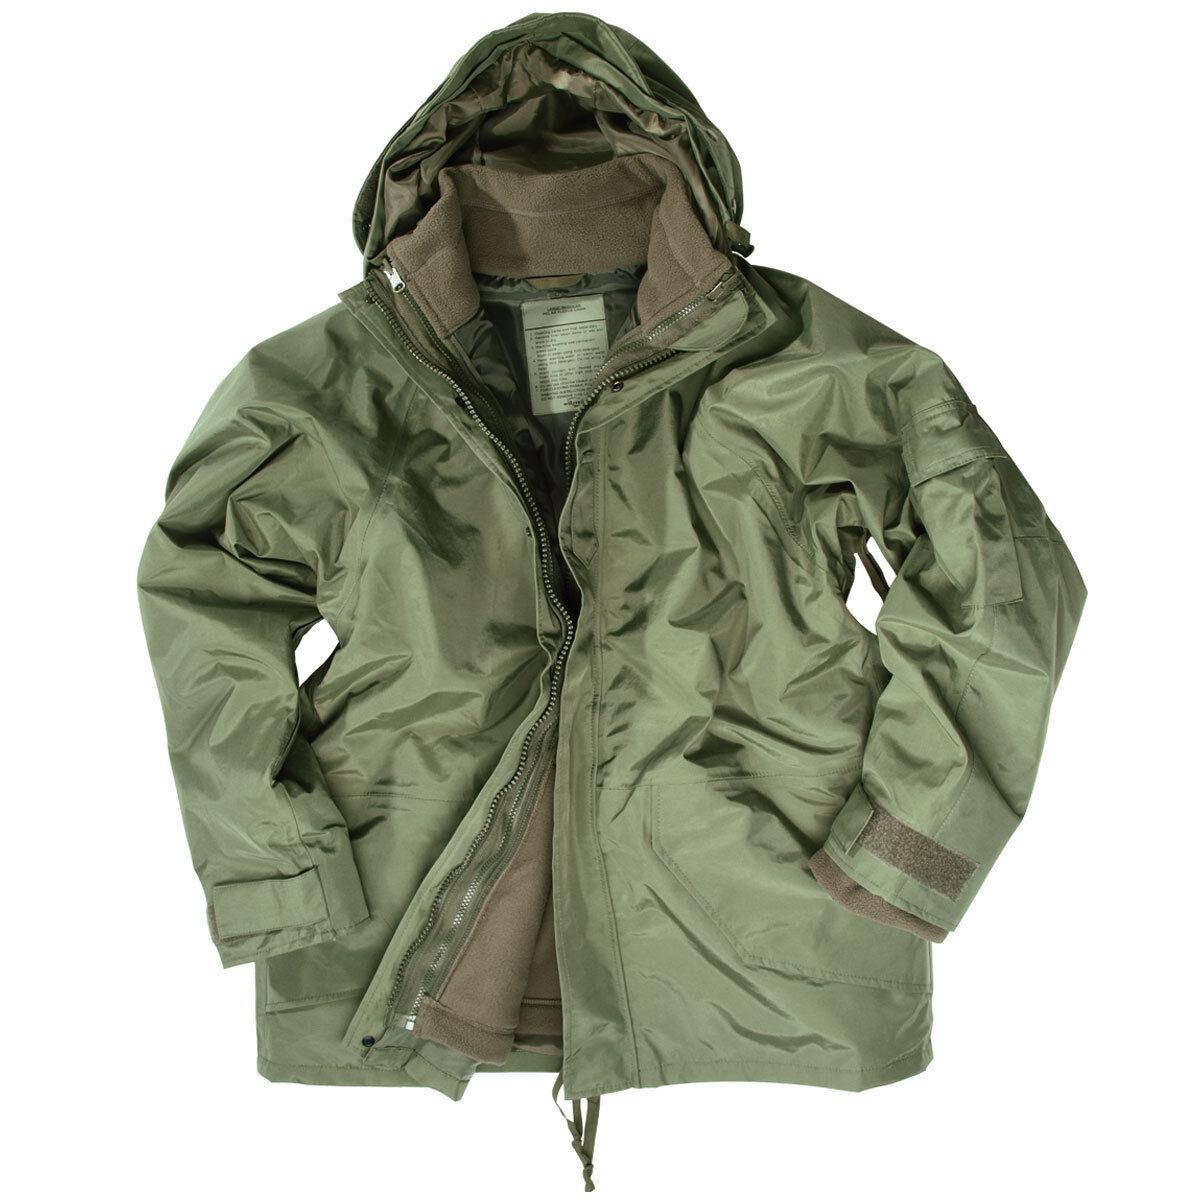 Protezione Umidità Giacca con di Pile S S-3XL,Us Army Inverno Impermeabile Impermeabile Inverno b41682